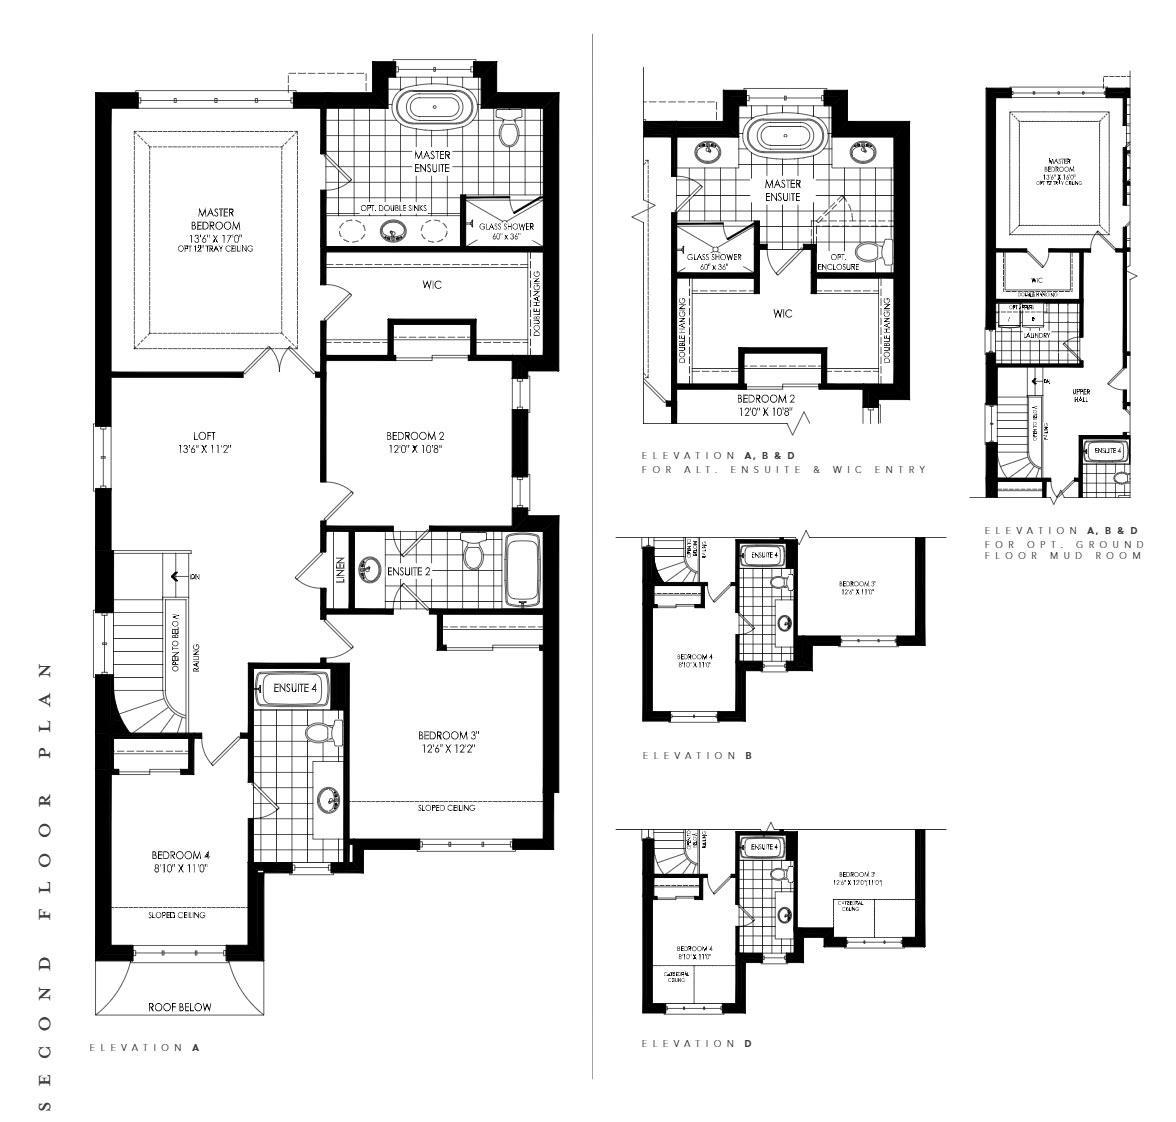 Lot 55 - Welton B Floorplan 2